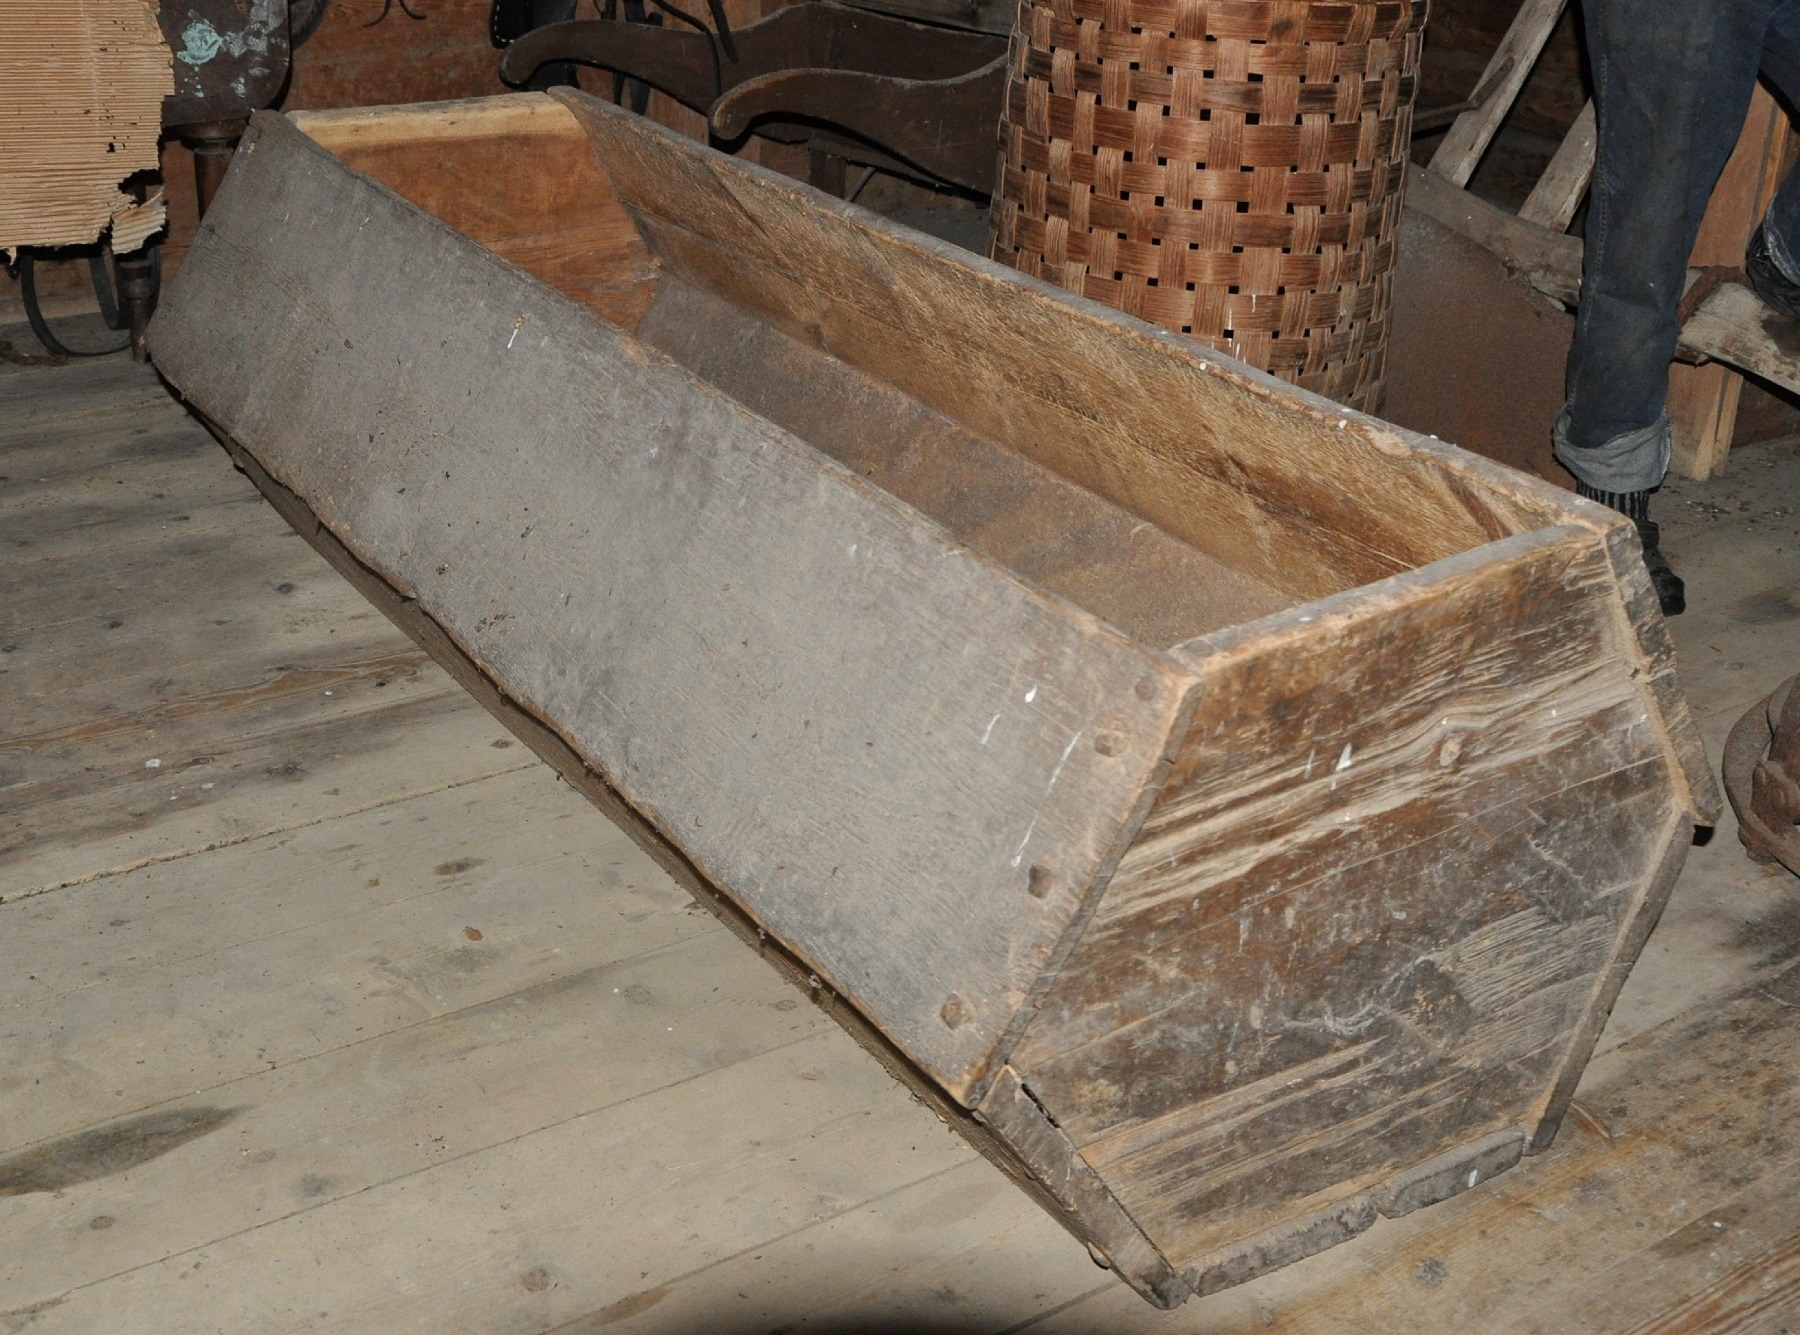 Var kisten på Øver-Jervan ved Jonsvatnet tenkt som likkiste for general Armfeldt som sagnet sier? Analyser har ikke klart å få den datert. Foto: NTNU Vitenskapsmuseet